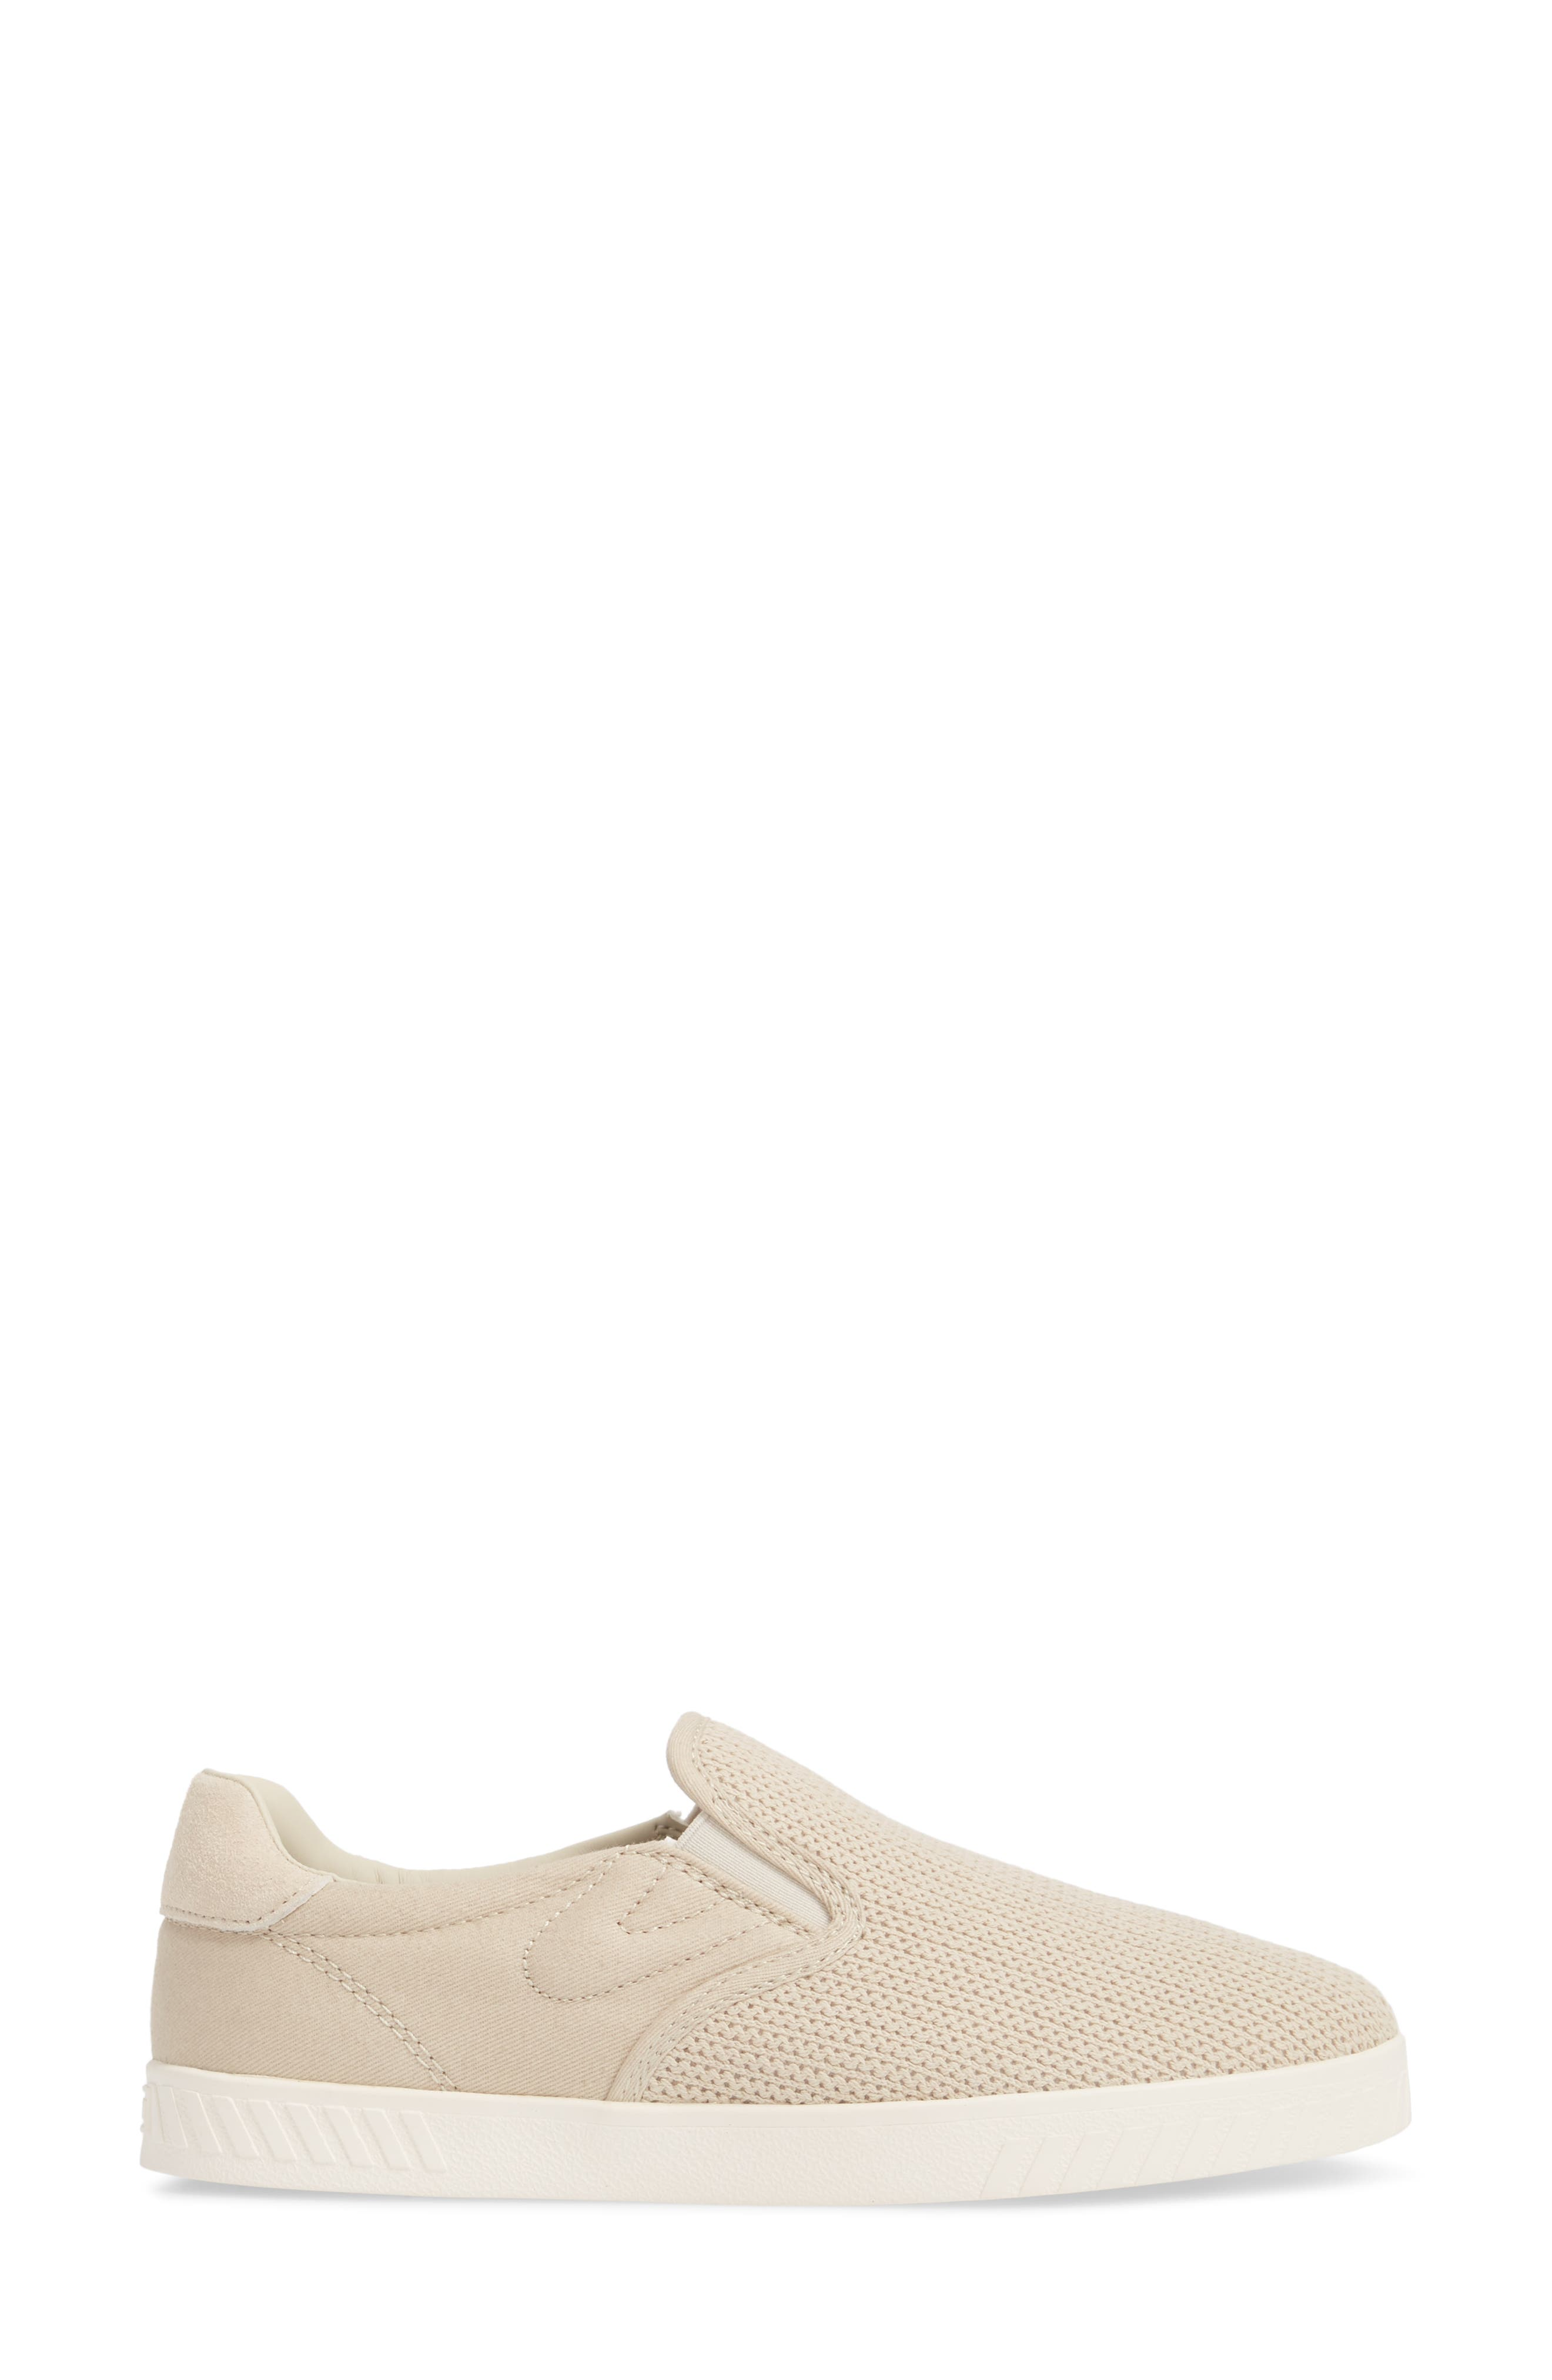 Cruz Mesh Slip-On Sneaker,                             Alternate thumbnail 4, color,                             Sand